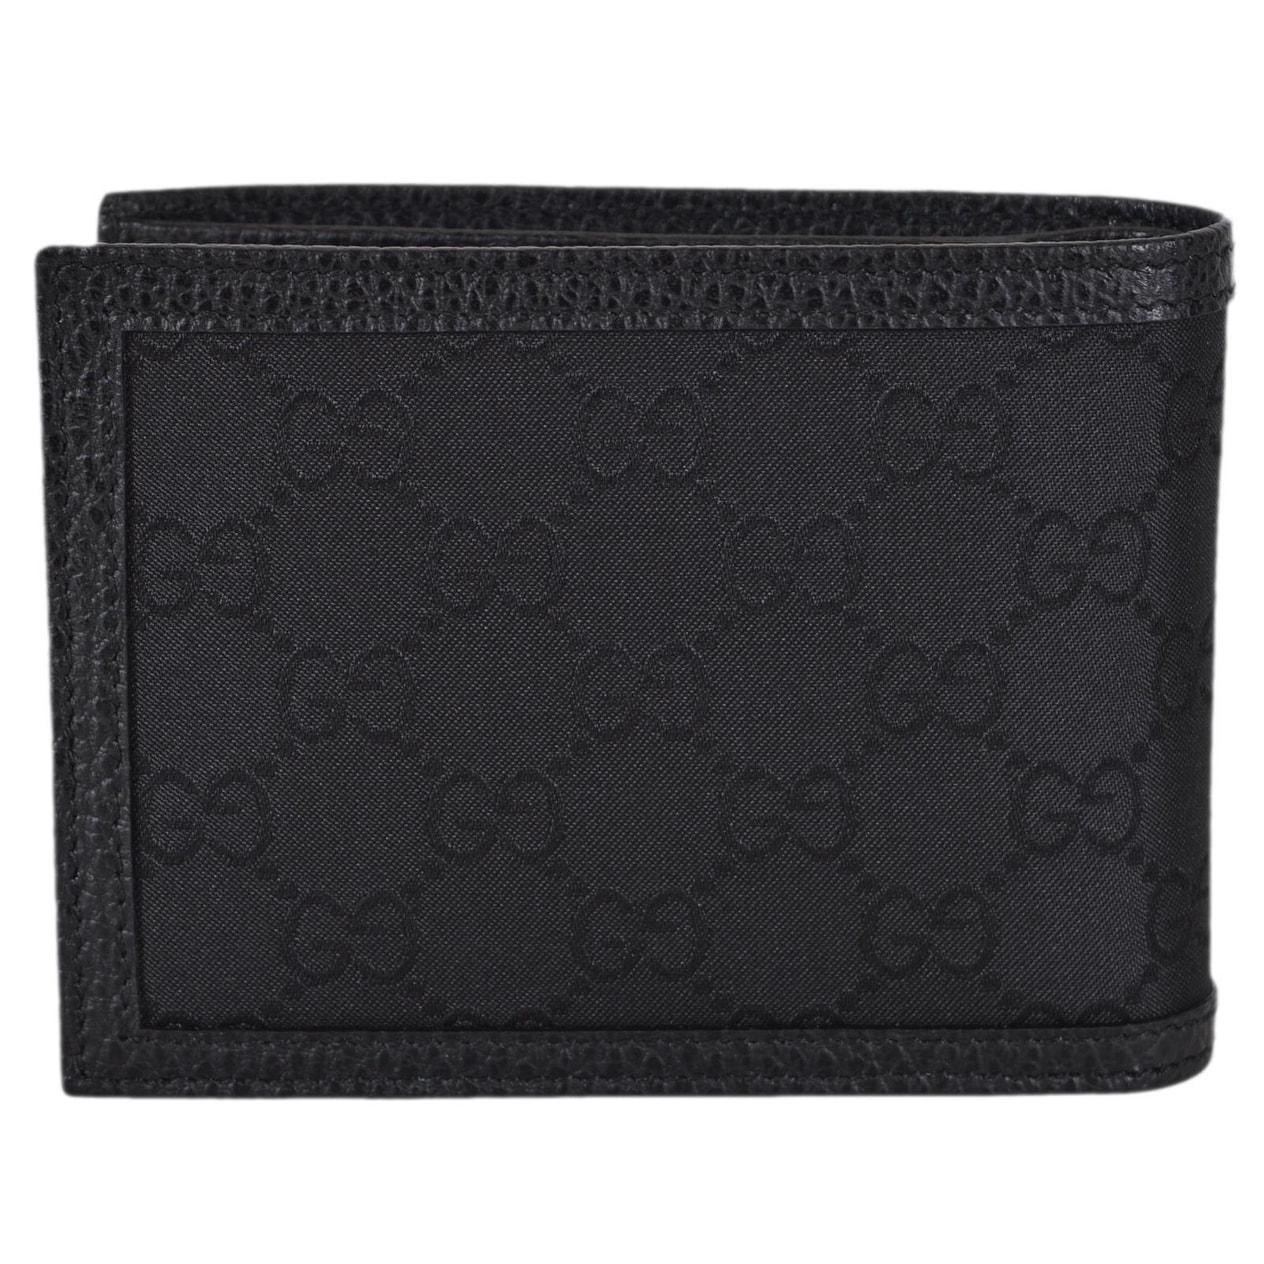 645f23fc40666b Gucci 333042 Black Nylon GG Guccissima Web Bifold Wallet W/Removable ID